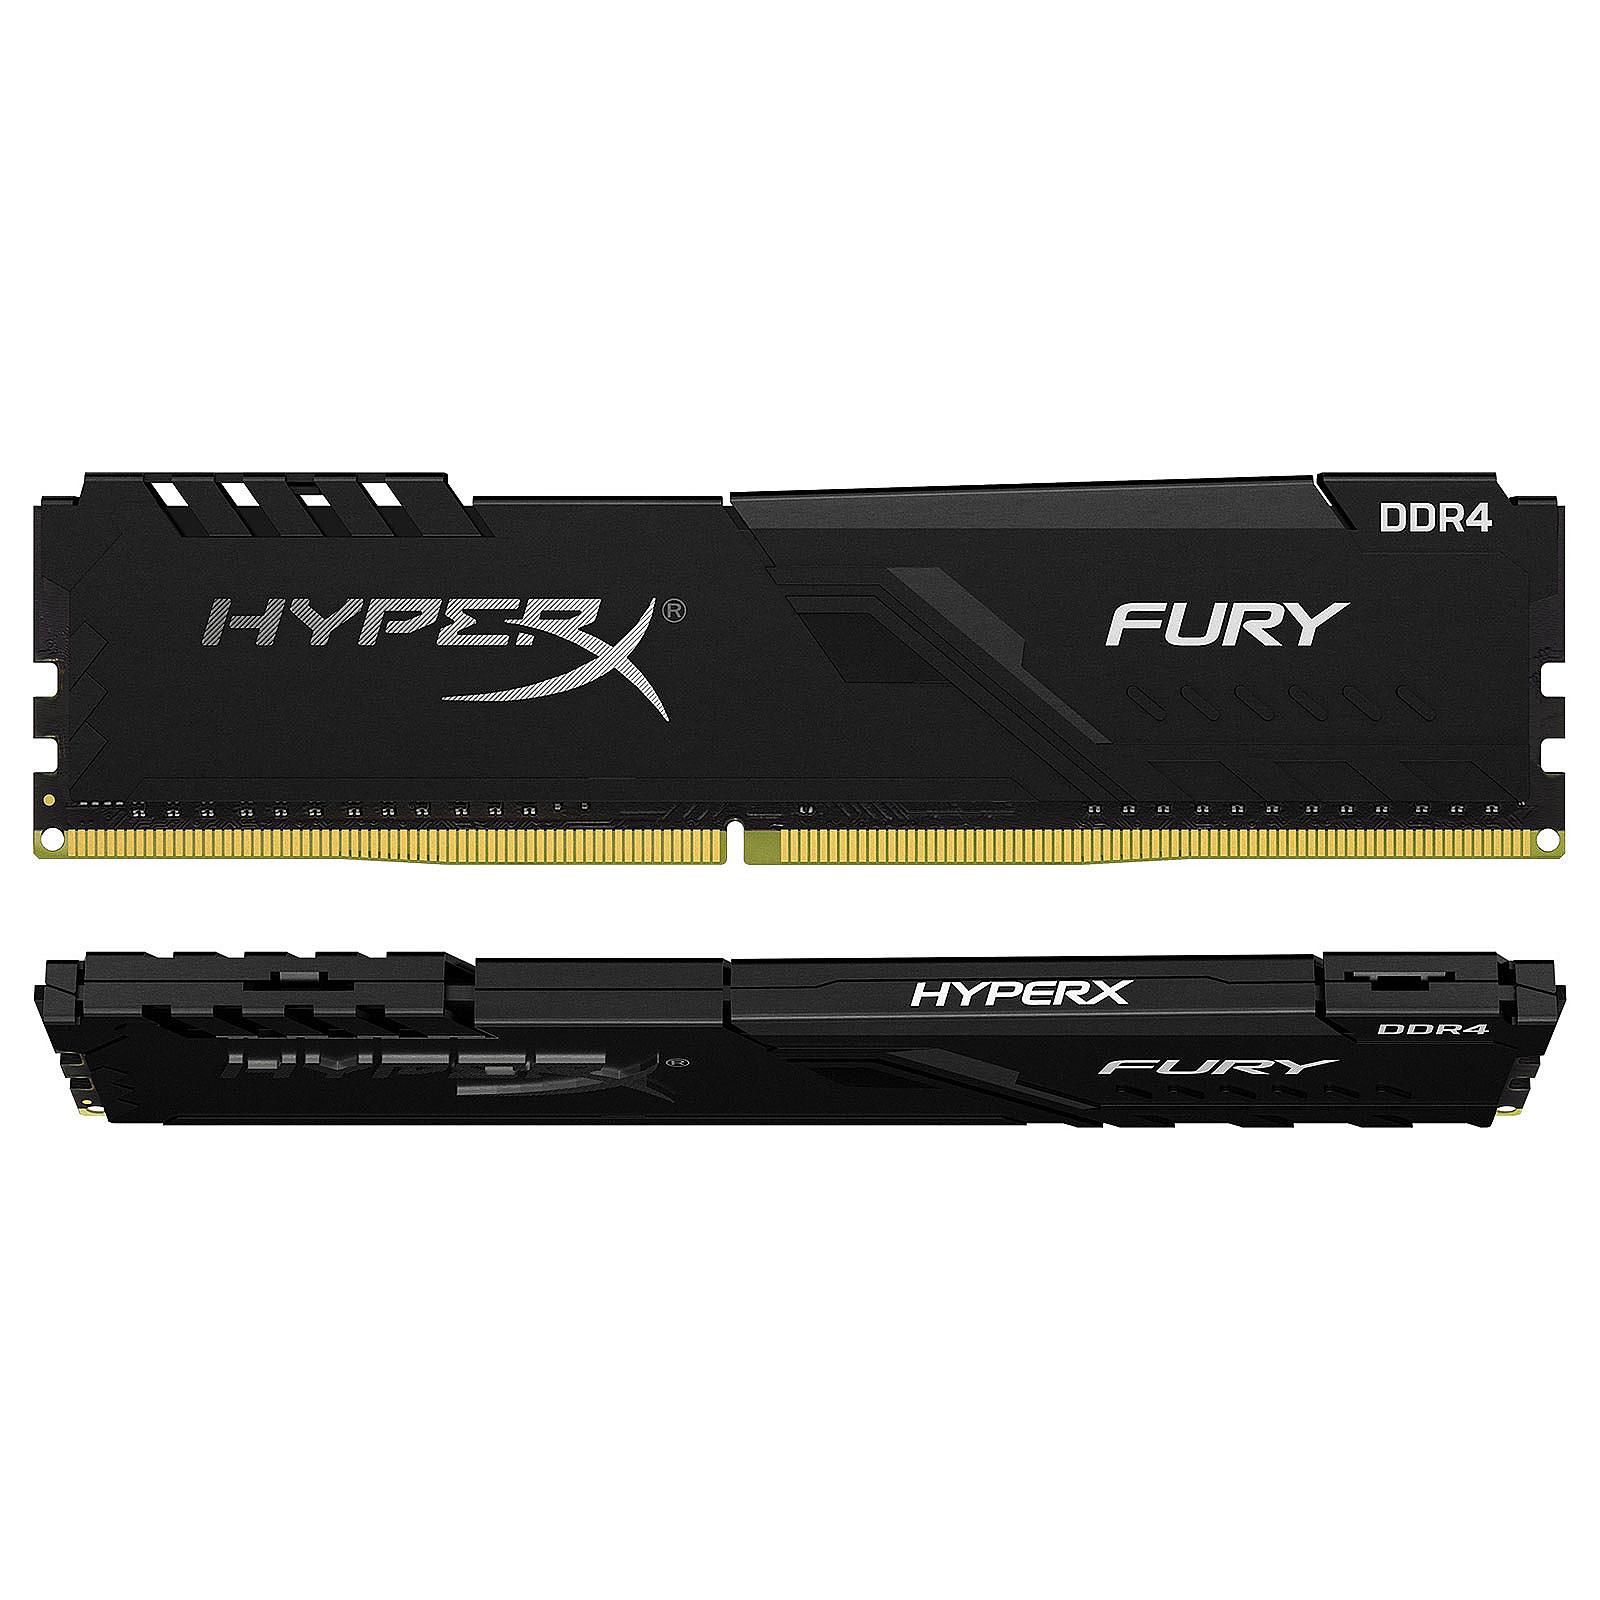 HyperX Fury 64 Go (2x 32 Go) DDR4 3200 MHz CL16